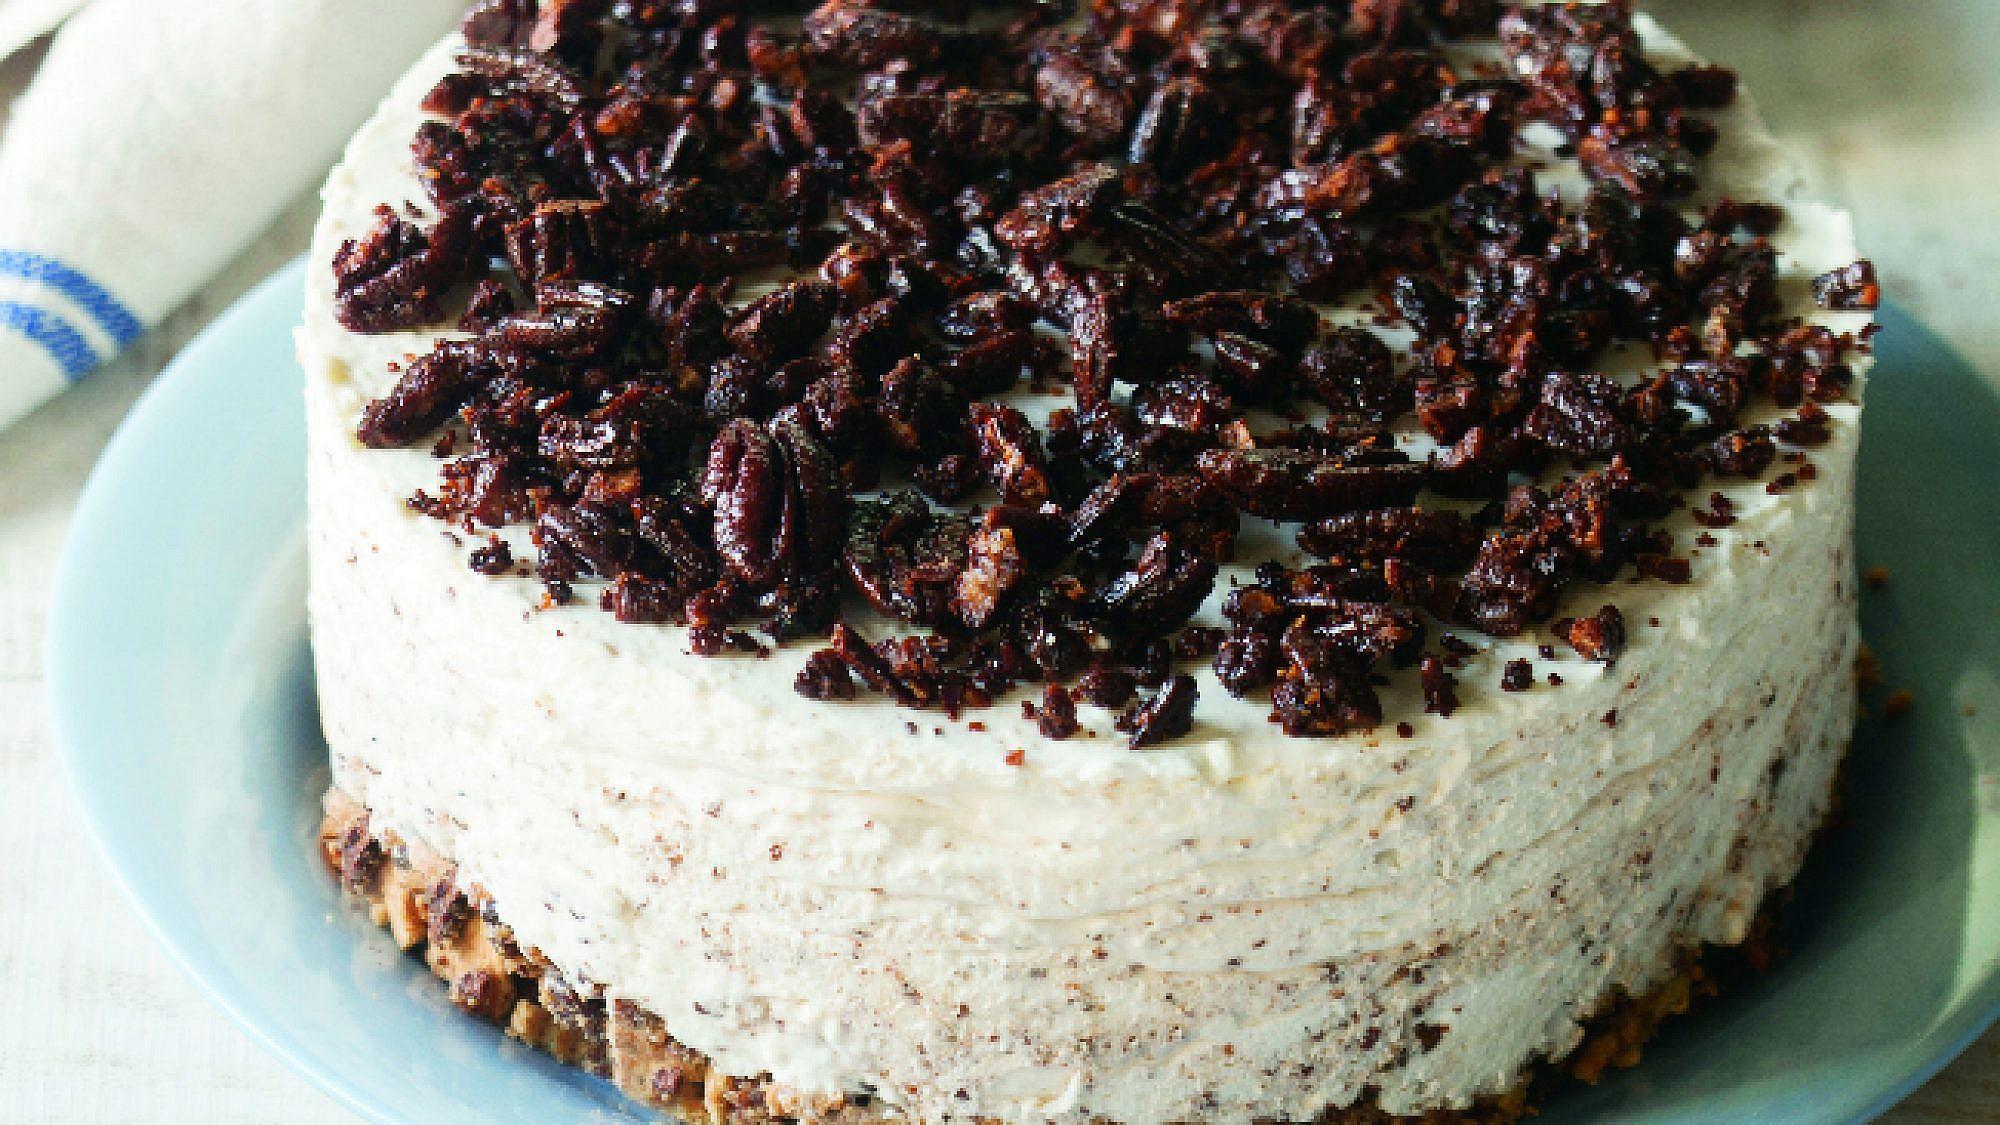 עוגת גבינה ופקאן סיני. צילום: דניאל לילה   סגנון: עמית פרבר